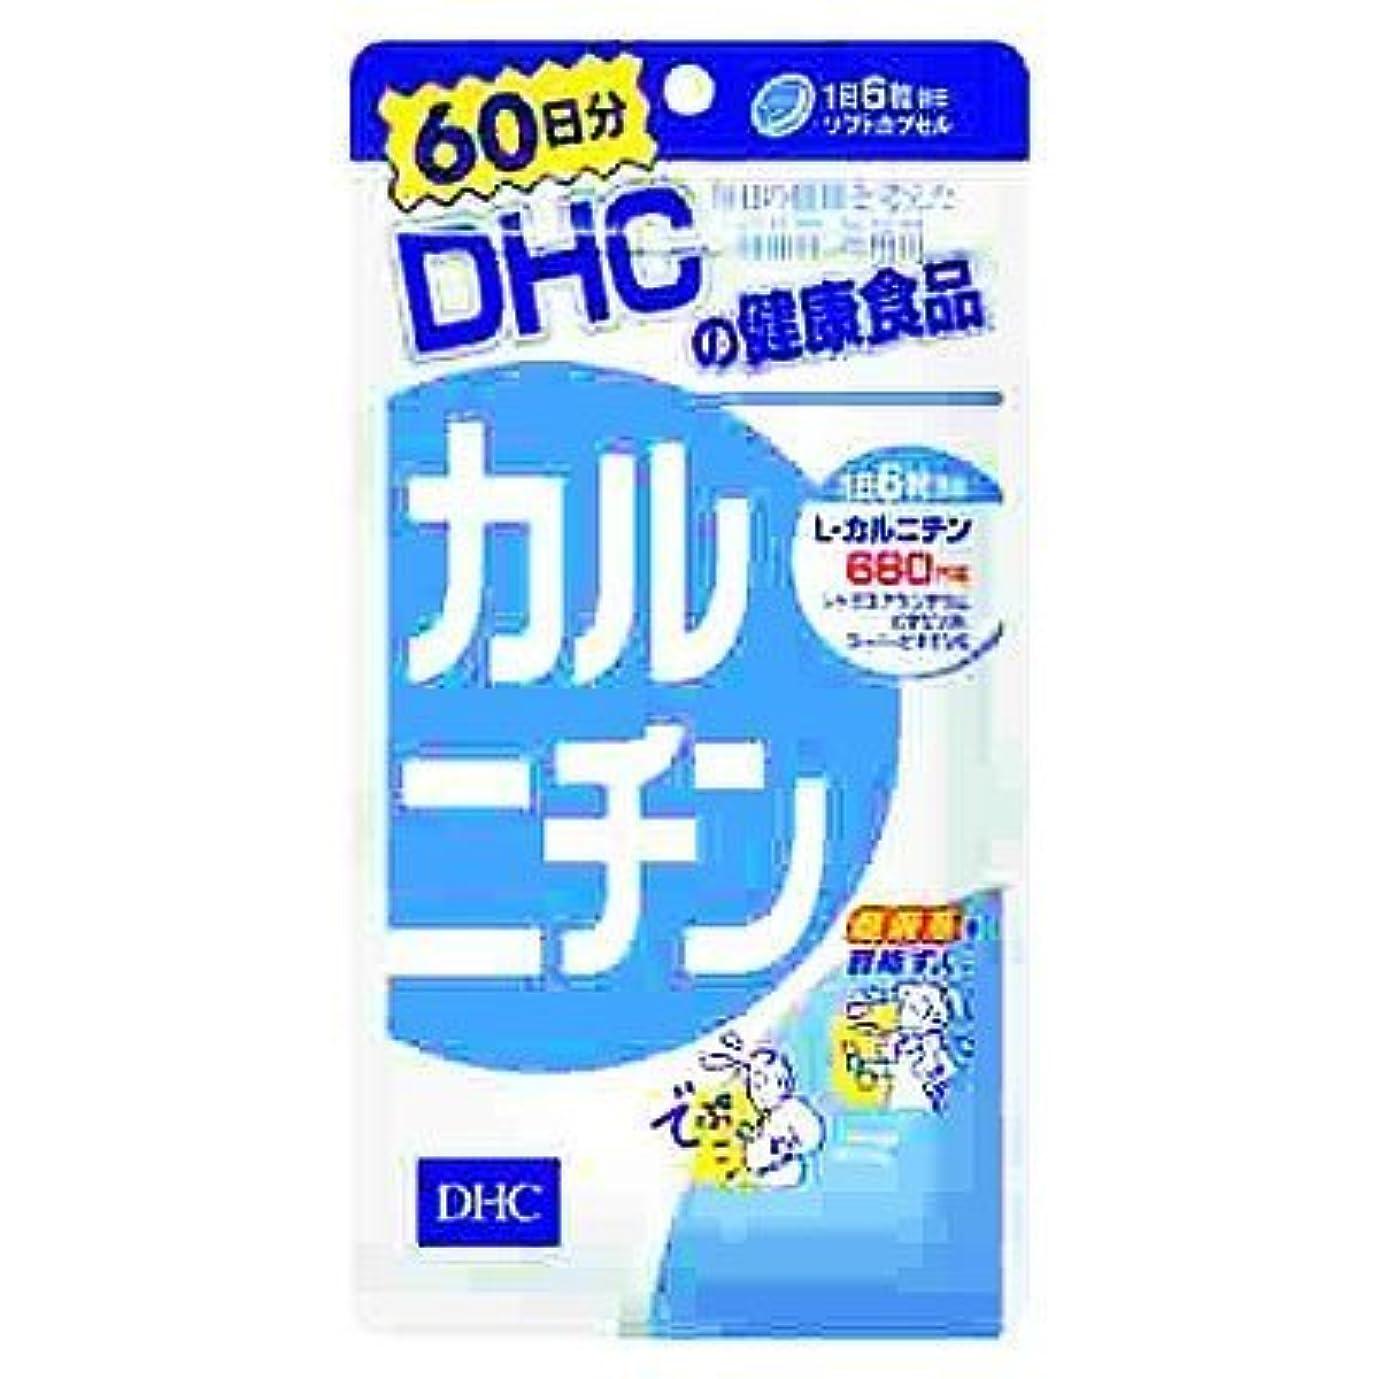 針磨かれた倉庫DHC60日分カルニチン